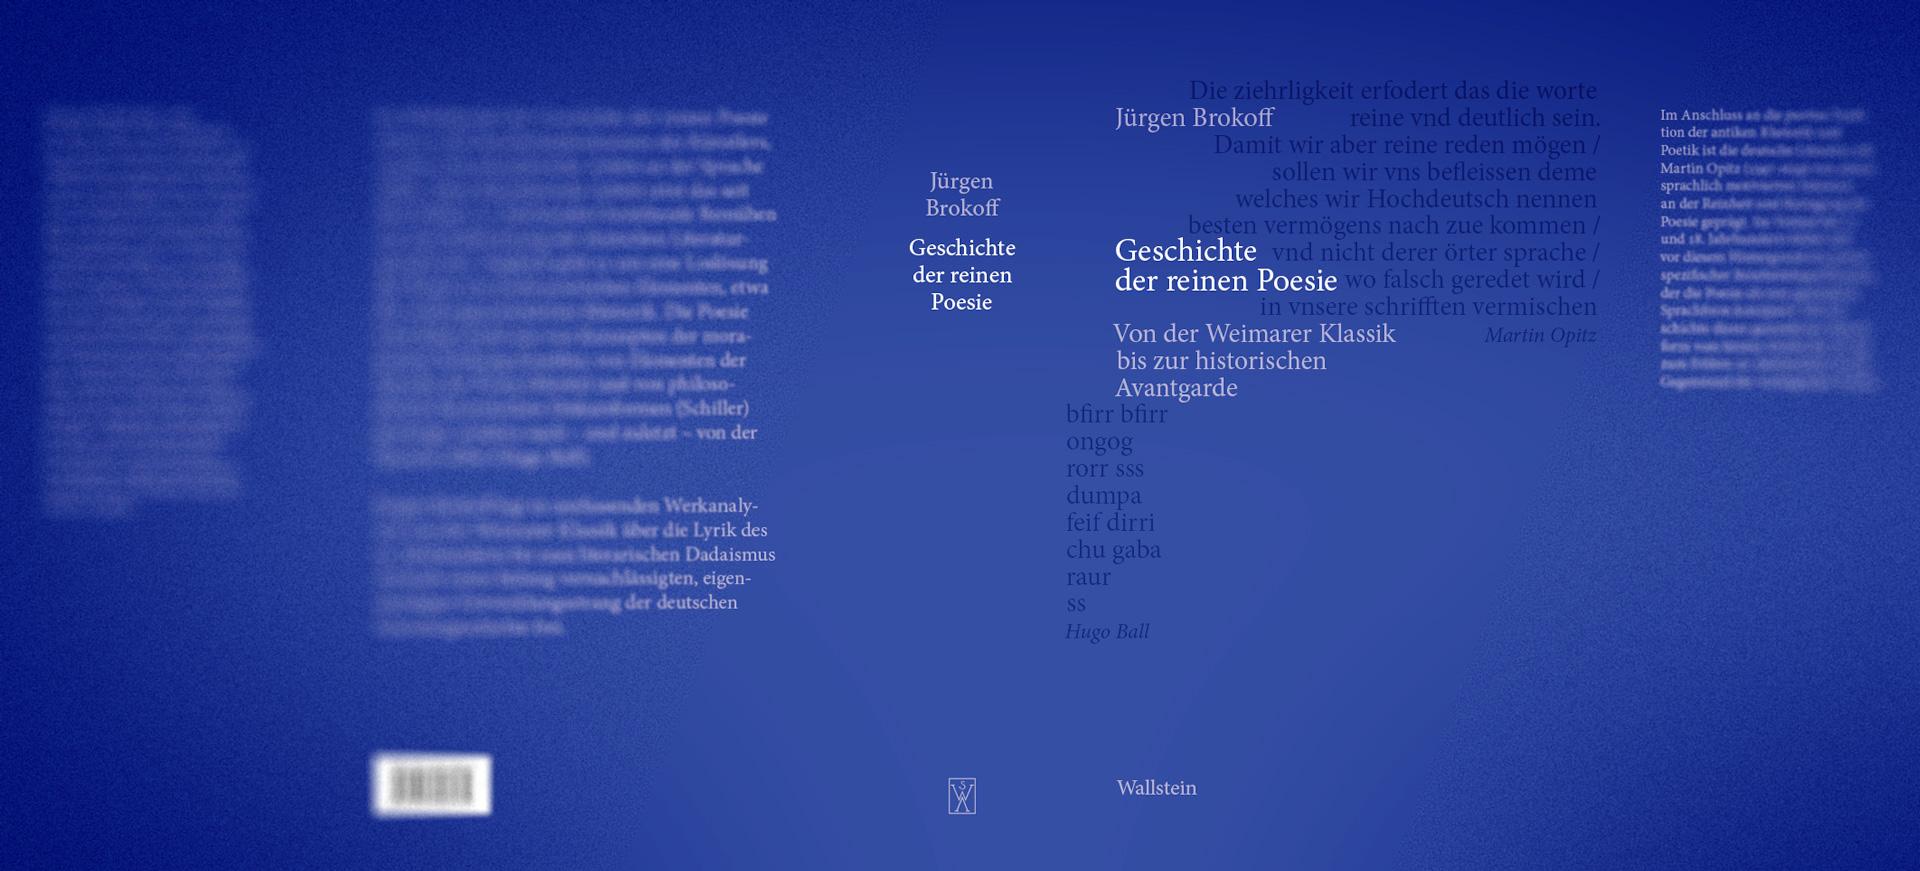 Jürgen Brokoff - »Geschichte der reinen Poesie«, Schutzumschlaggestaltung